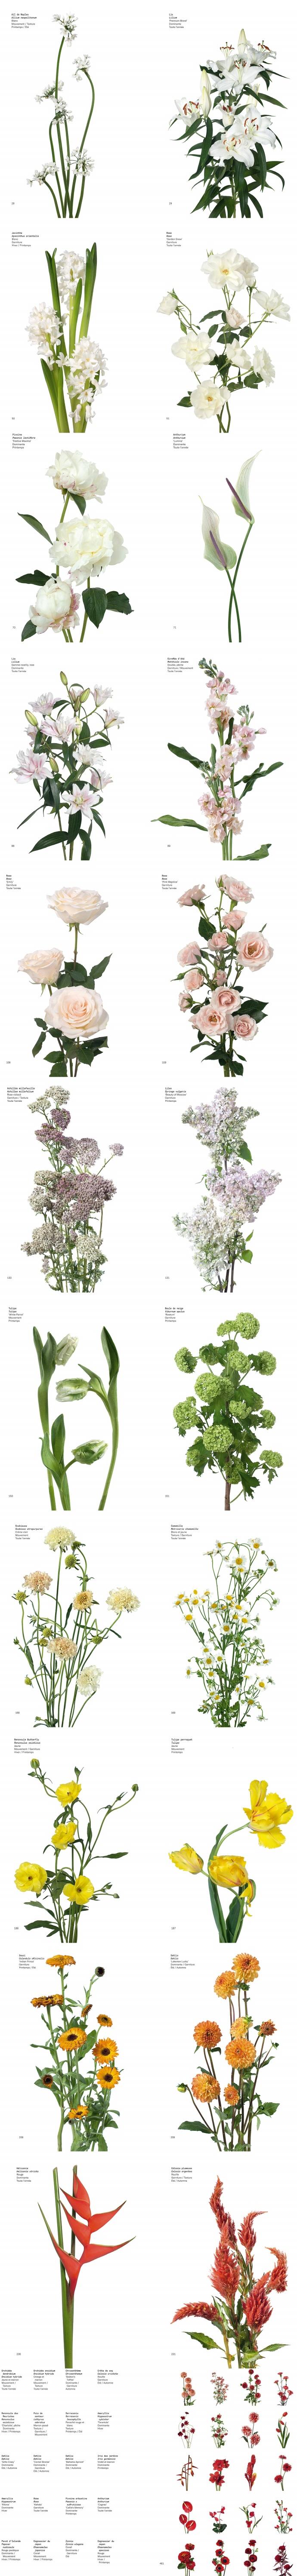 Guide Des Fleurs Par Couleurs (Flower Color Guide French) 도서 상세이미지